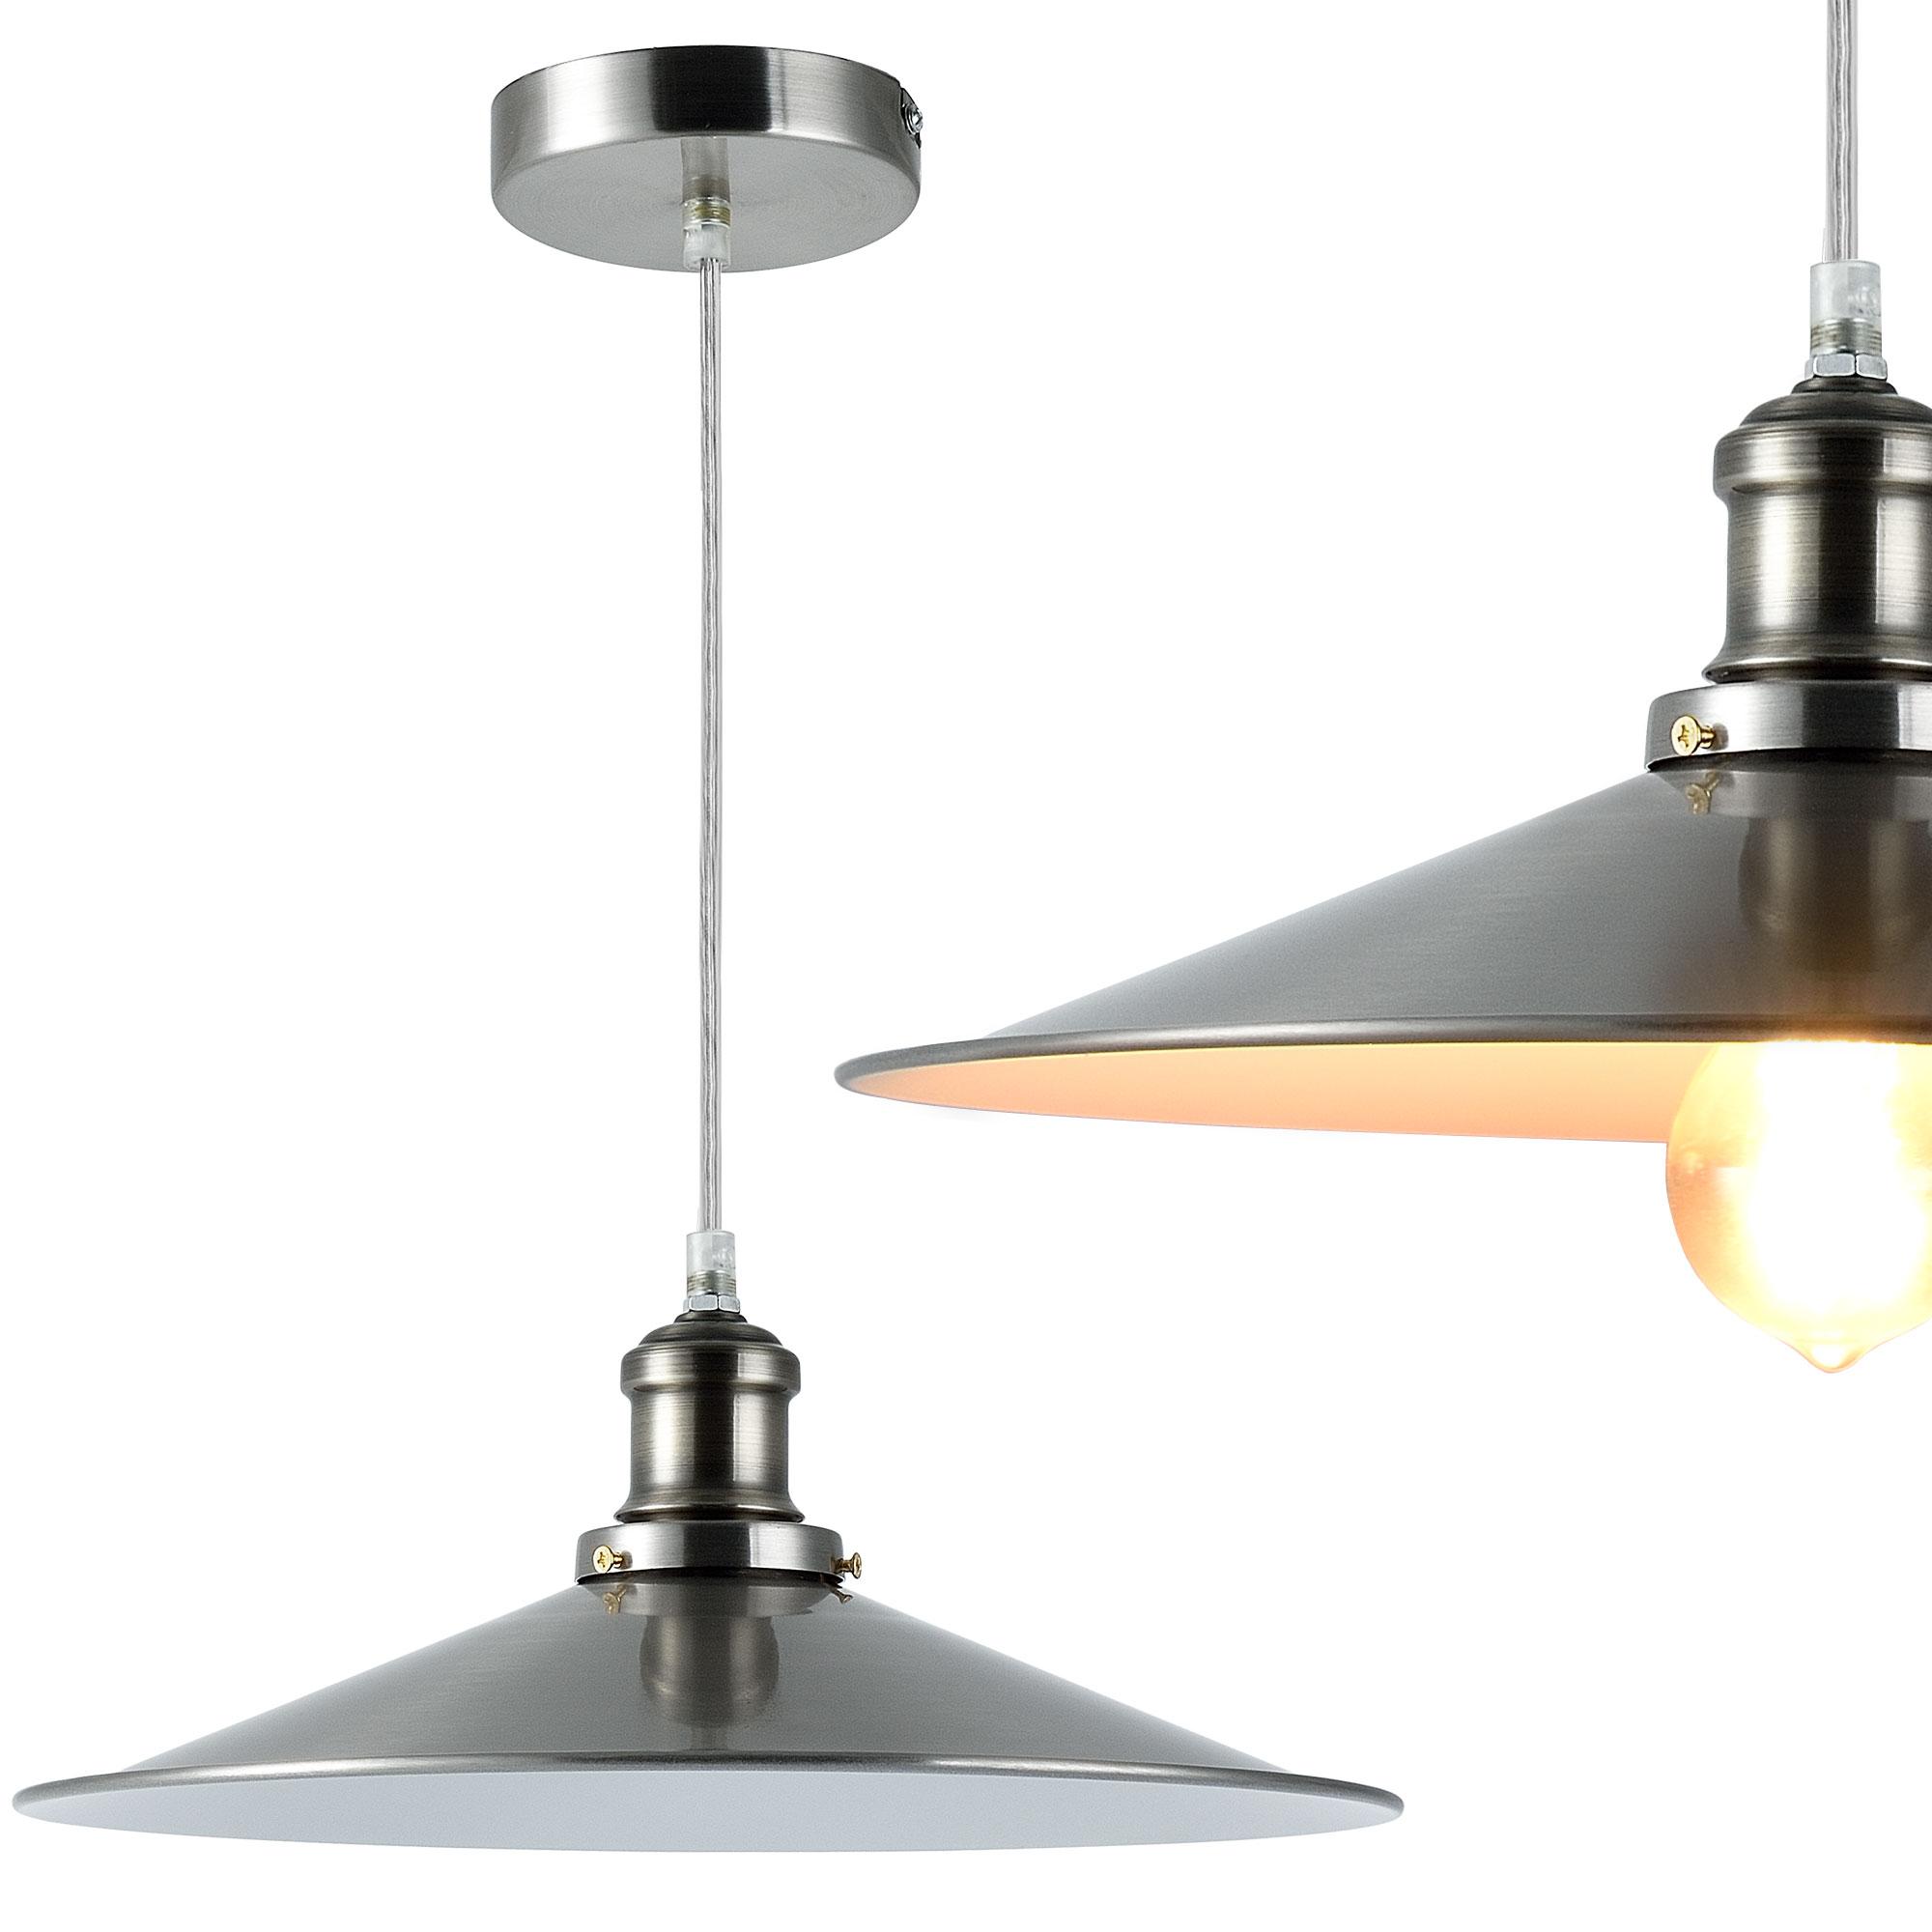 [lux.pro]® Dekoratívní designové závěsné svítidlo / stropní svítidlo - stříbrno-bílé (1 x E27)